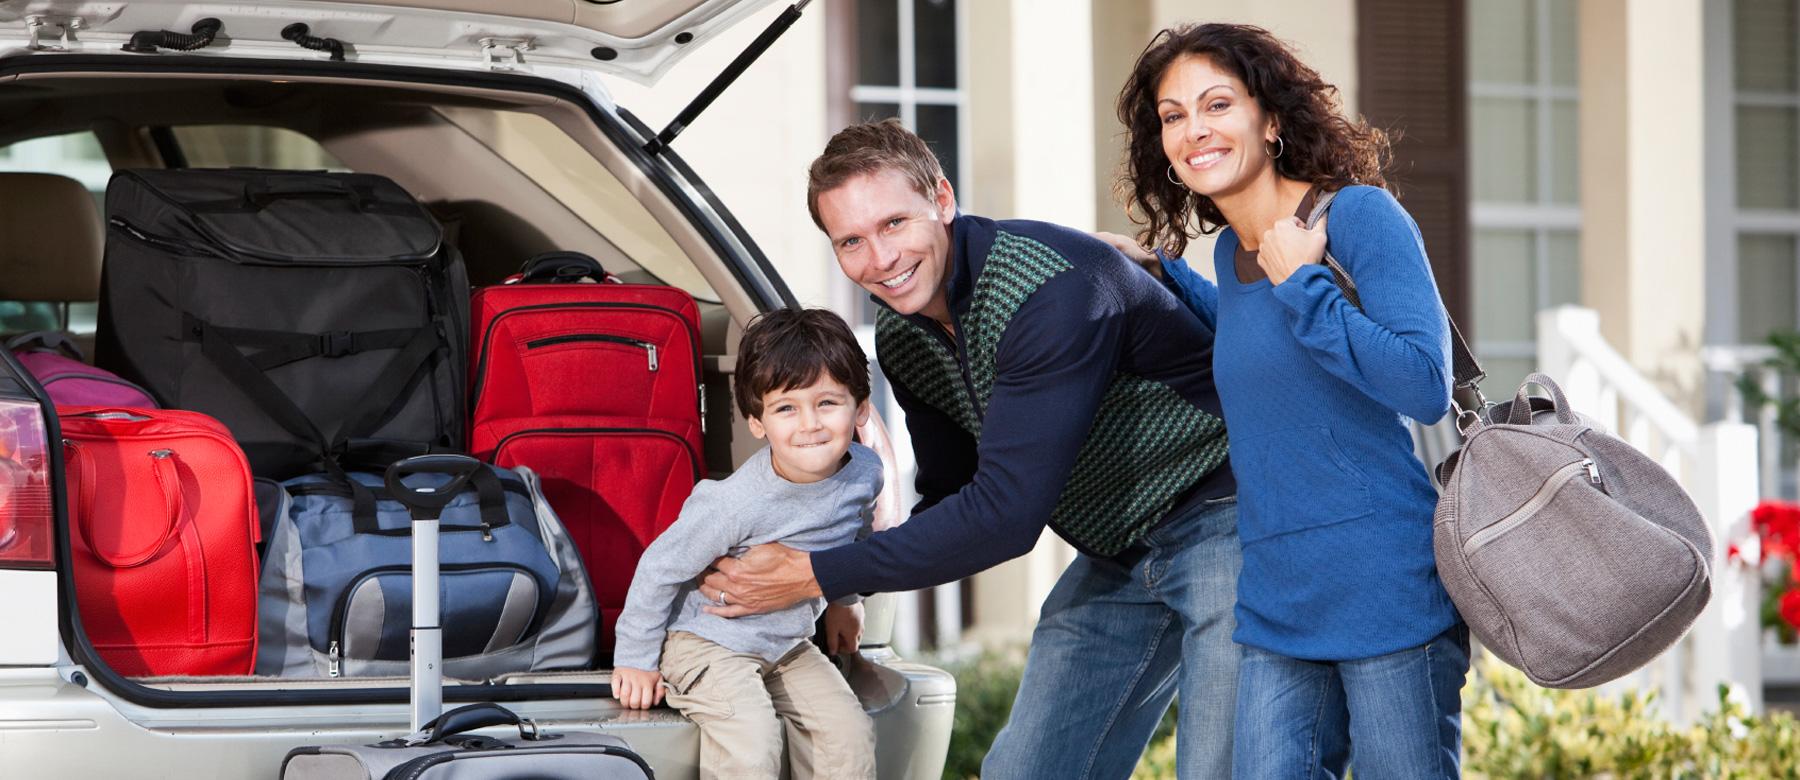 Heller Recreational Insurance